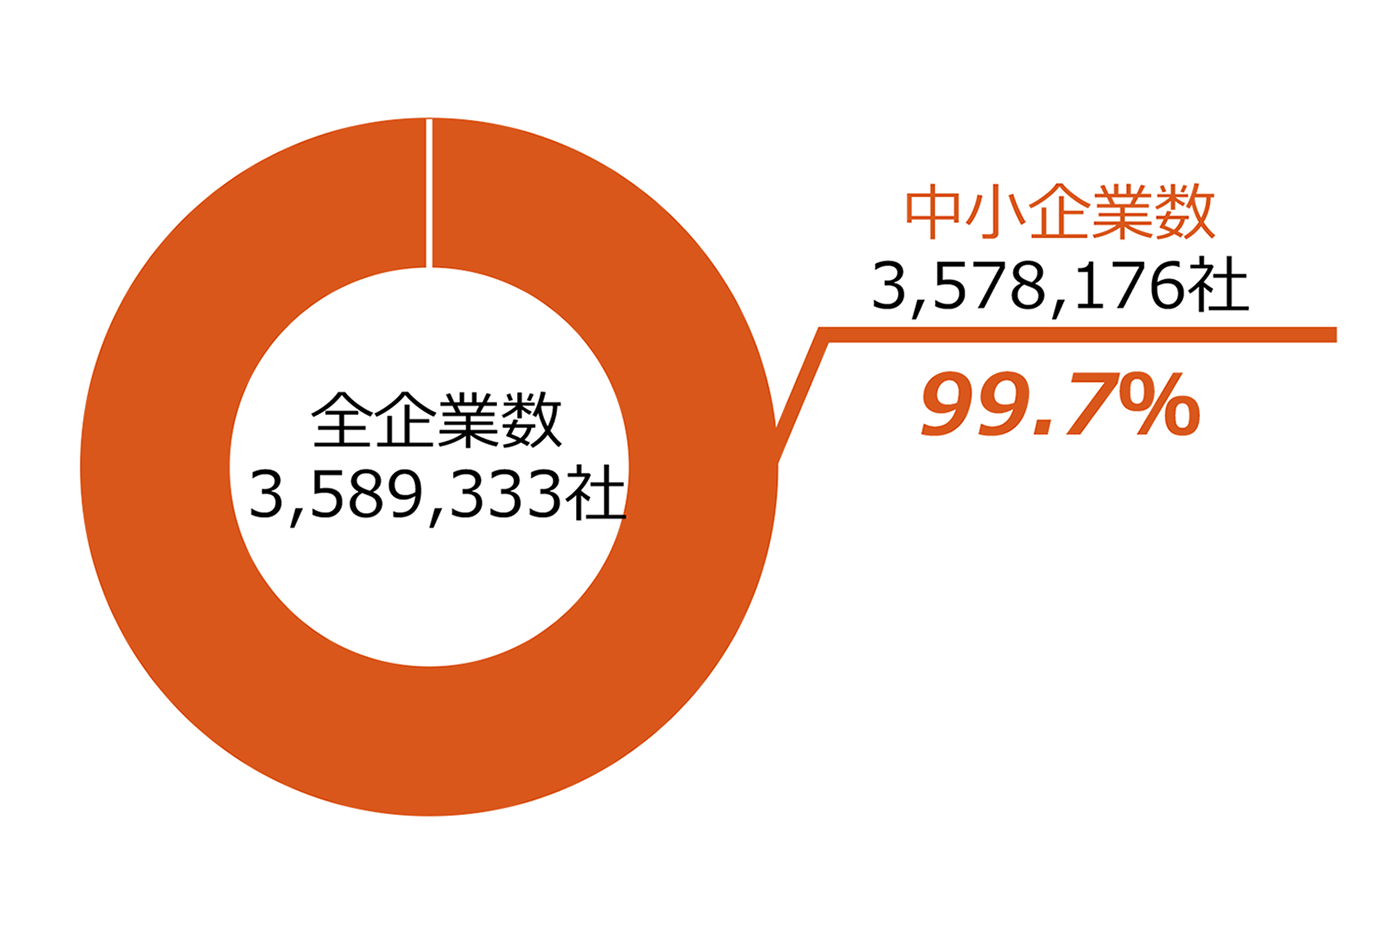 中小機構 日本を支える中小企業 日本の企業数の円グラフの画像。